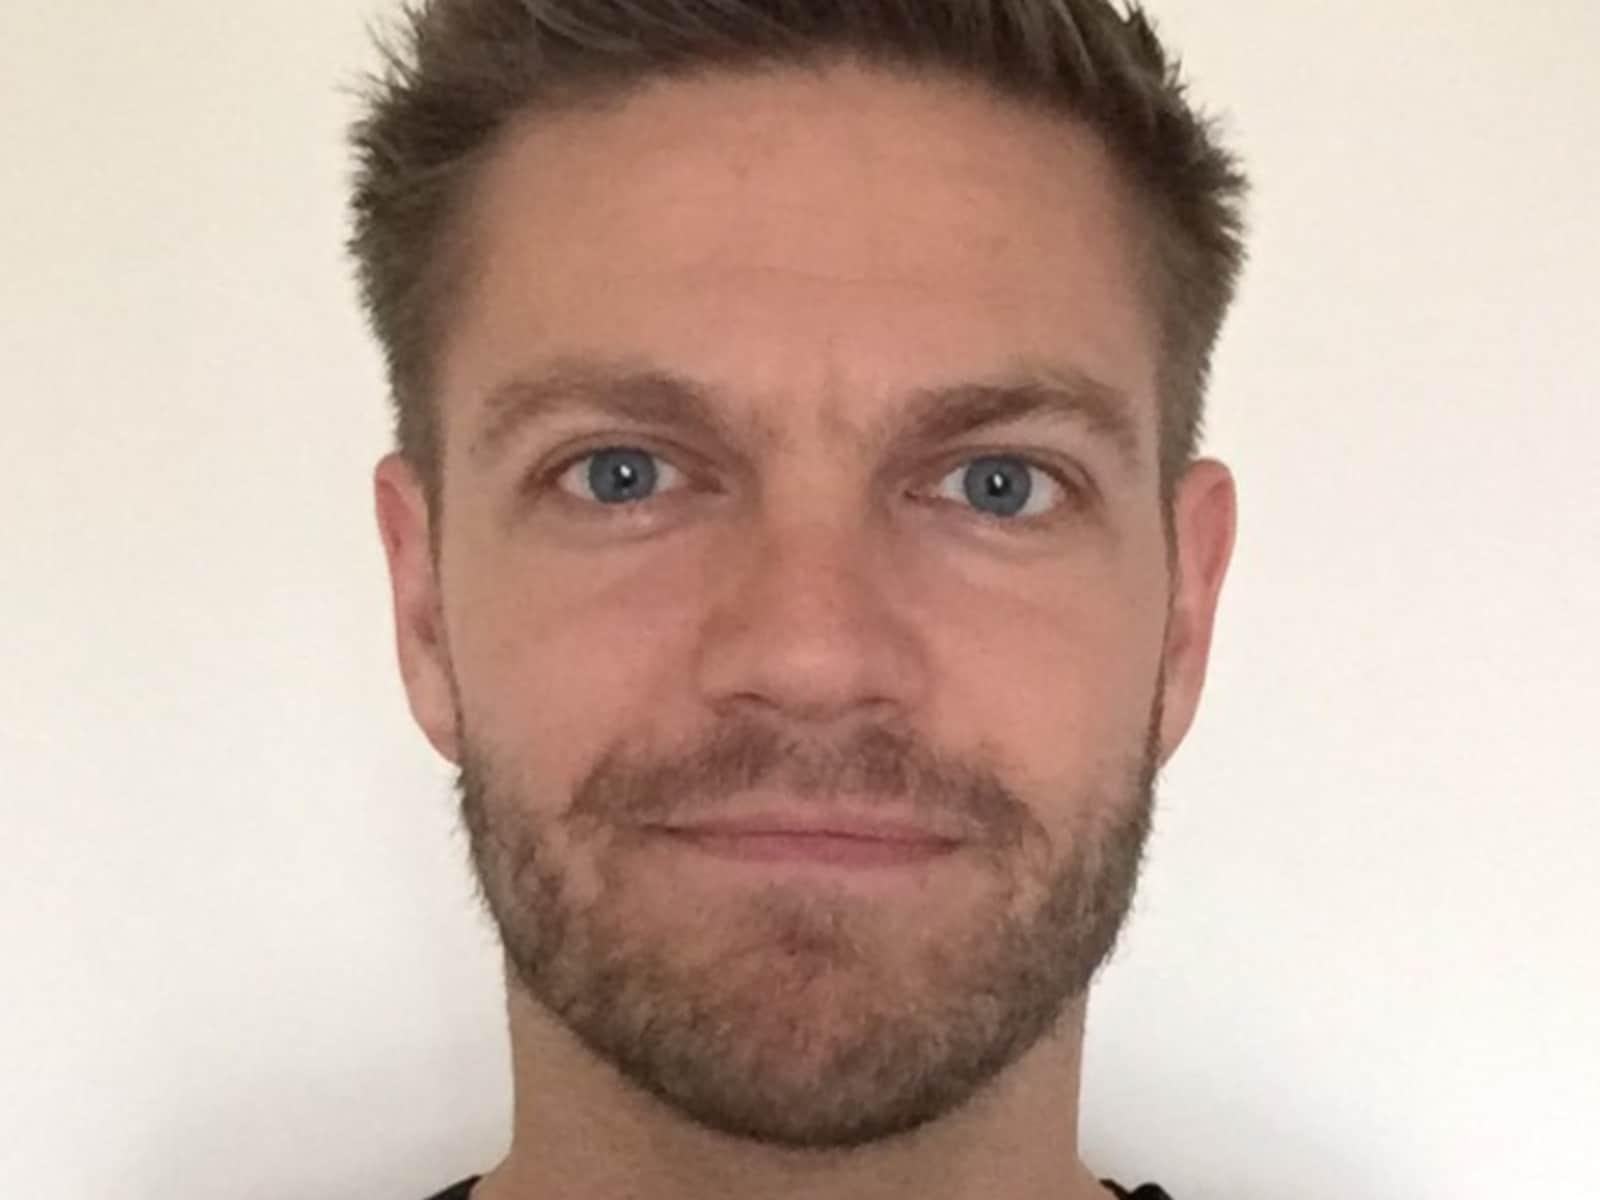 Matt from London, United Kingdom